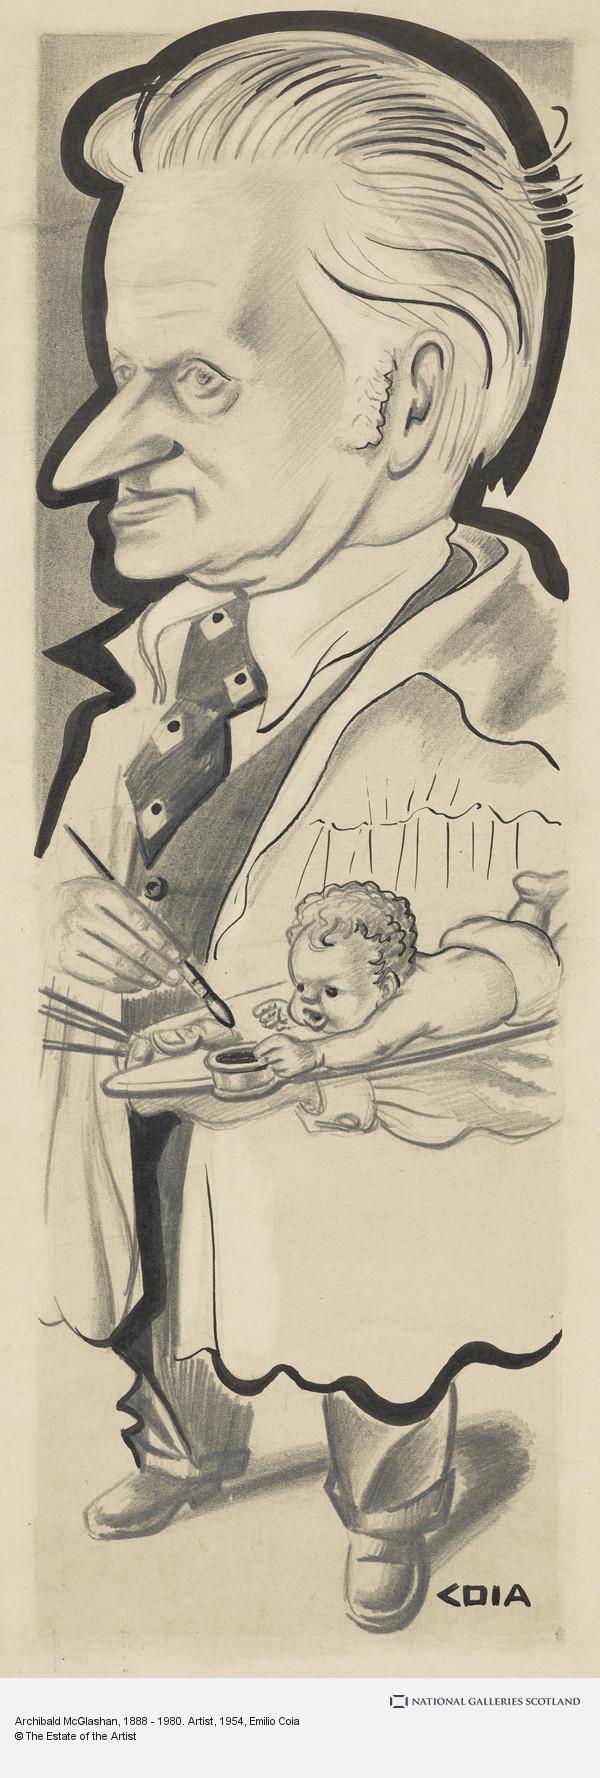 Emilio Coia, Archibald McGlashan, 1888 - 1980. Artist